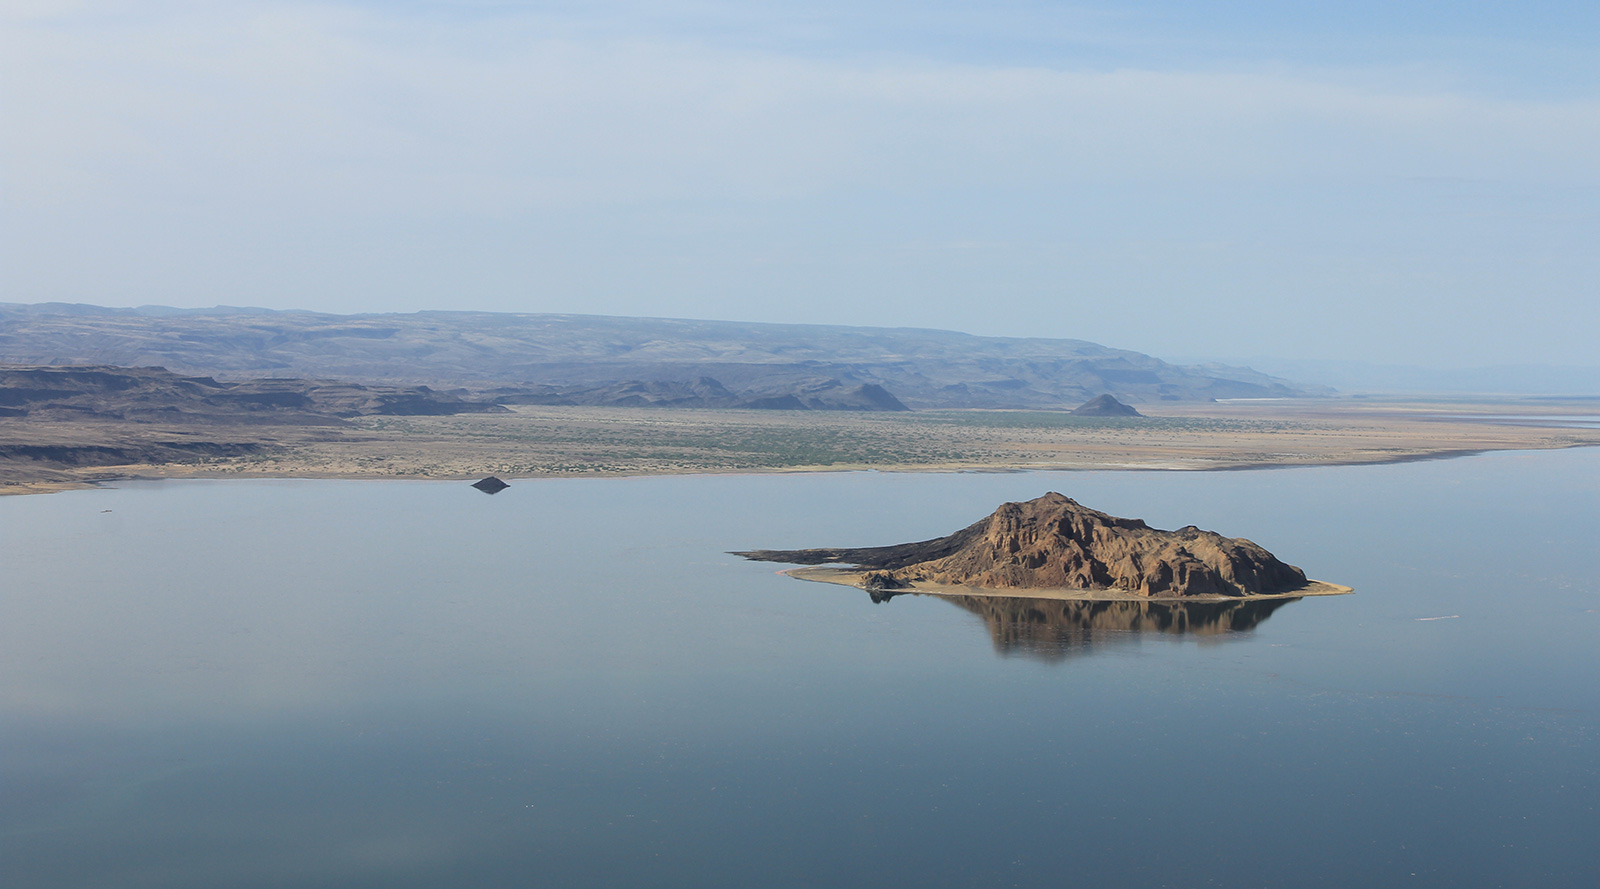 © Benedetta Mazzini | Lago Turkana, Kenya